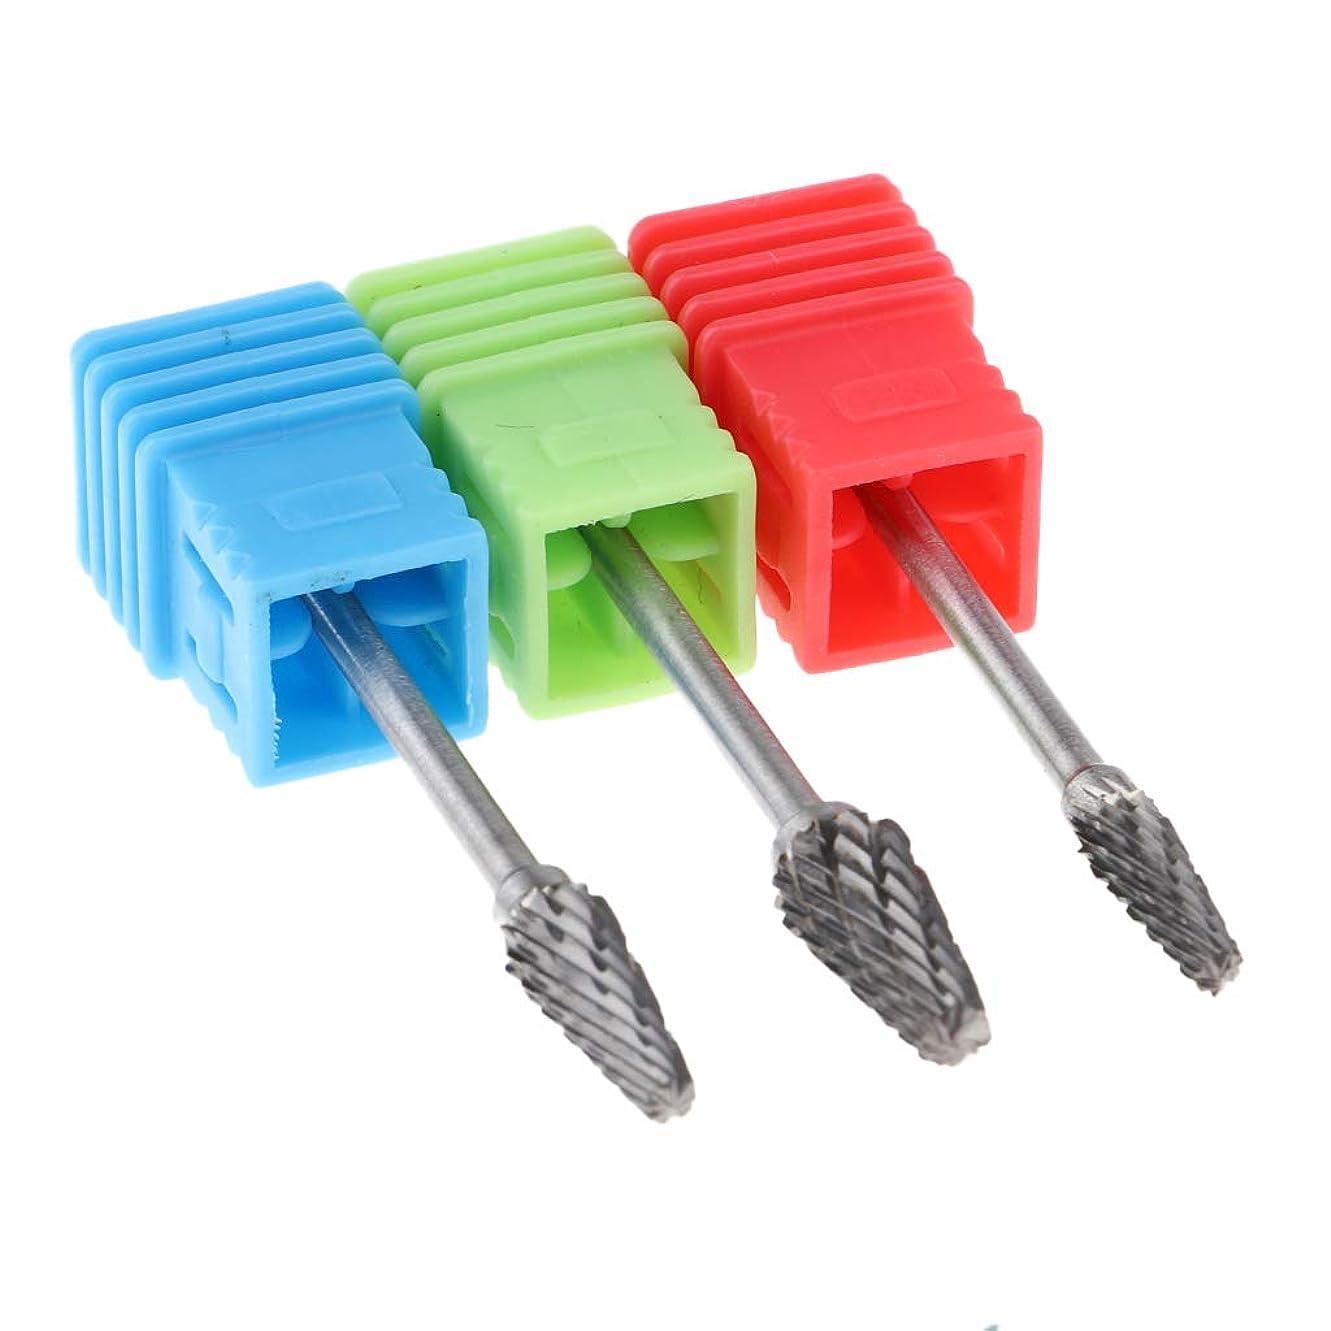 八百屋さんマットレス和解するFLAMEER 電気ドリルファイル用 ネイルドリルビット ネイル磨く用具